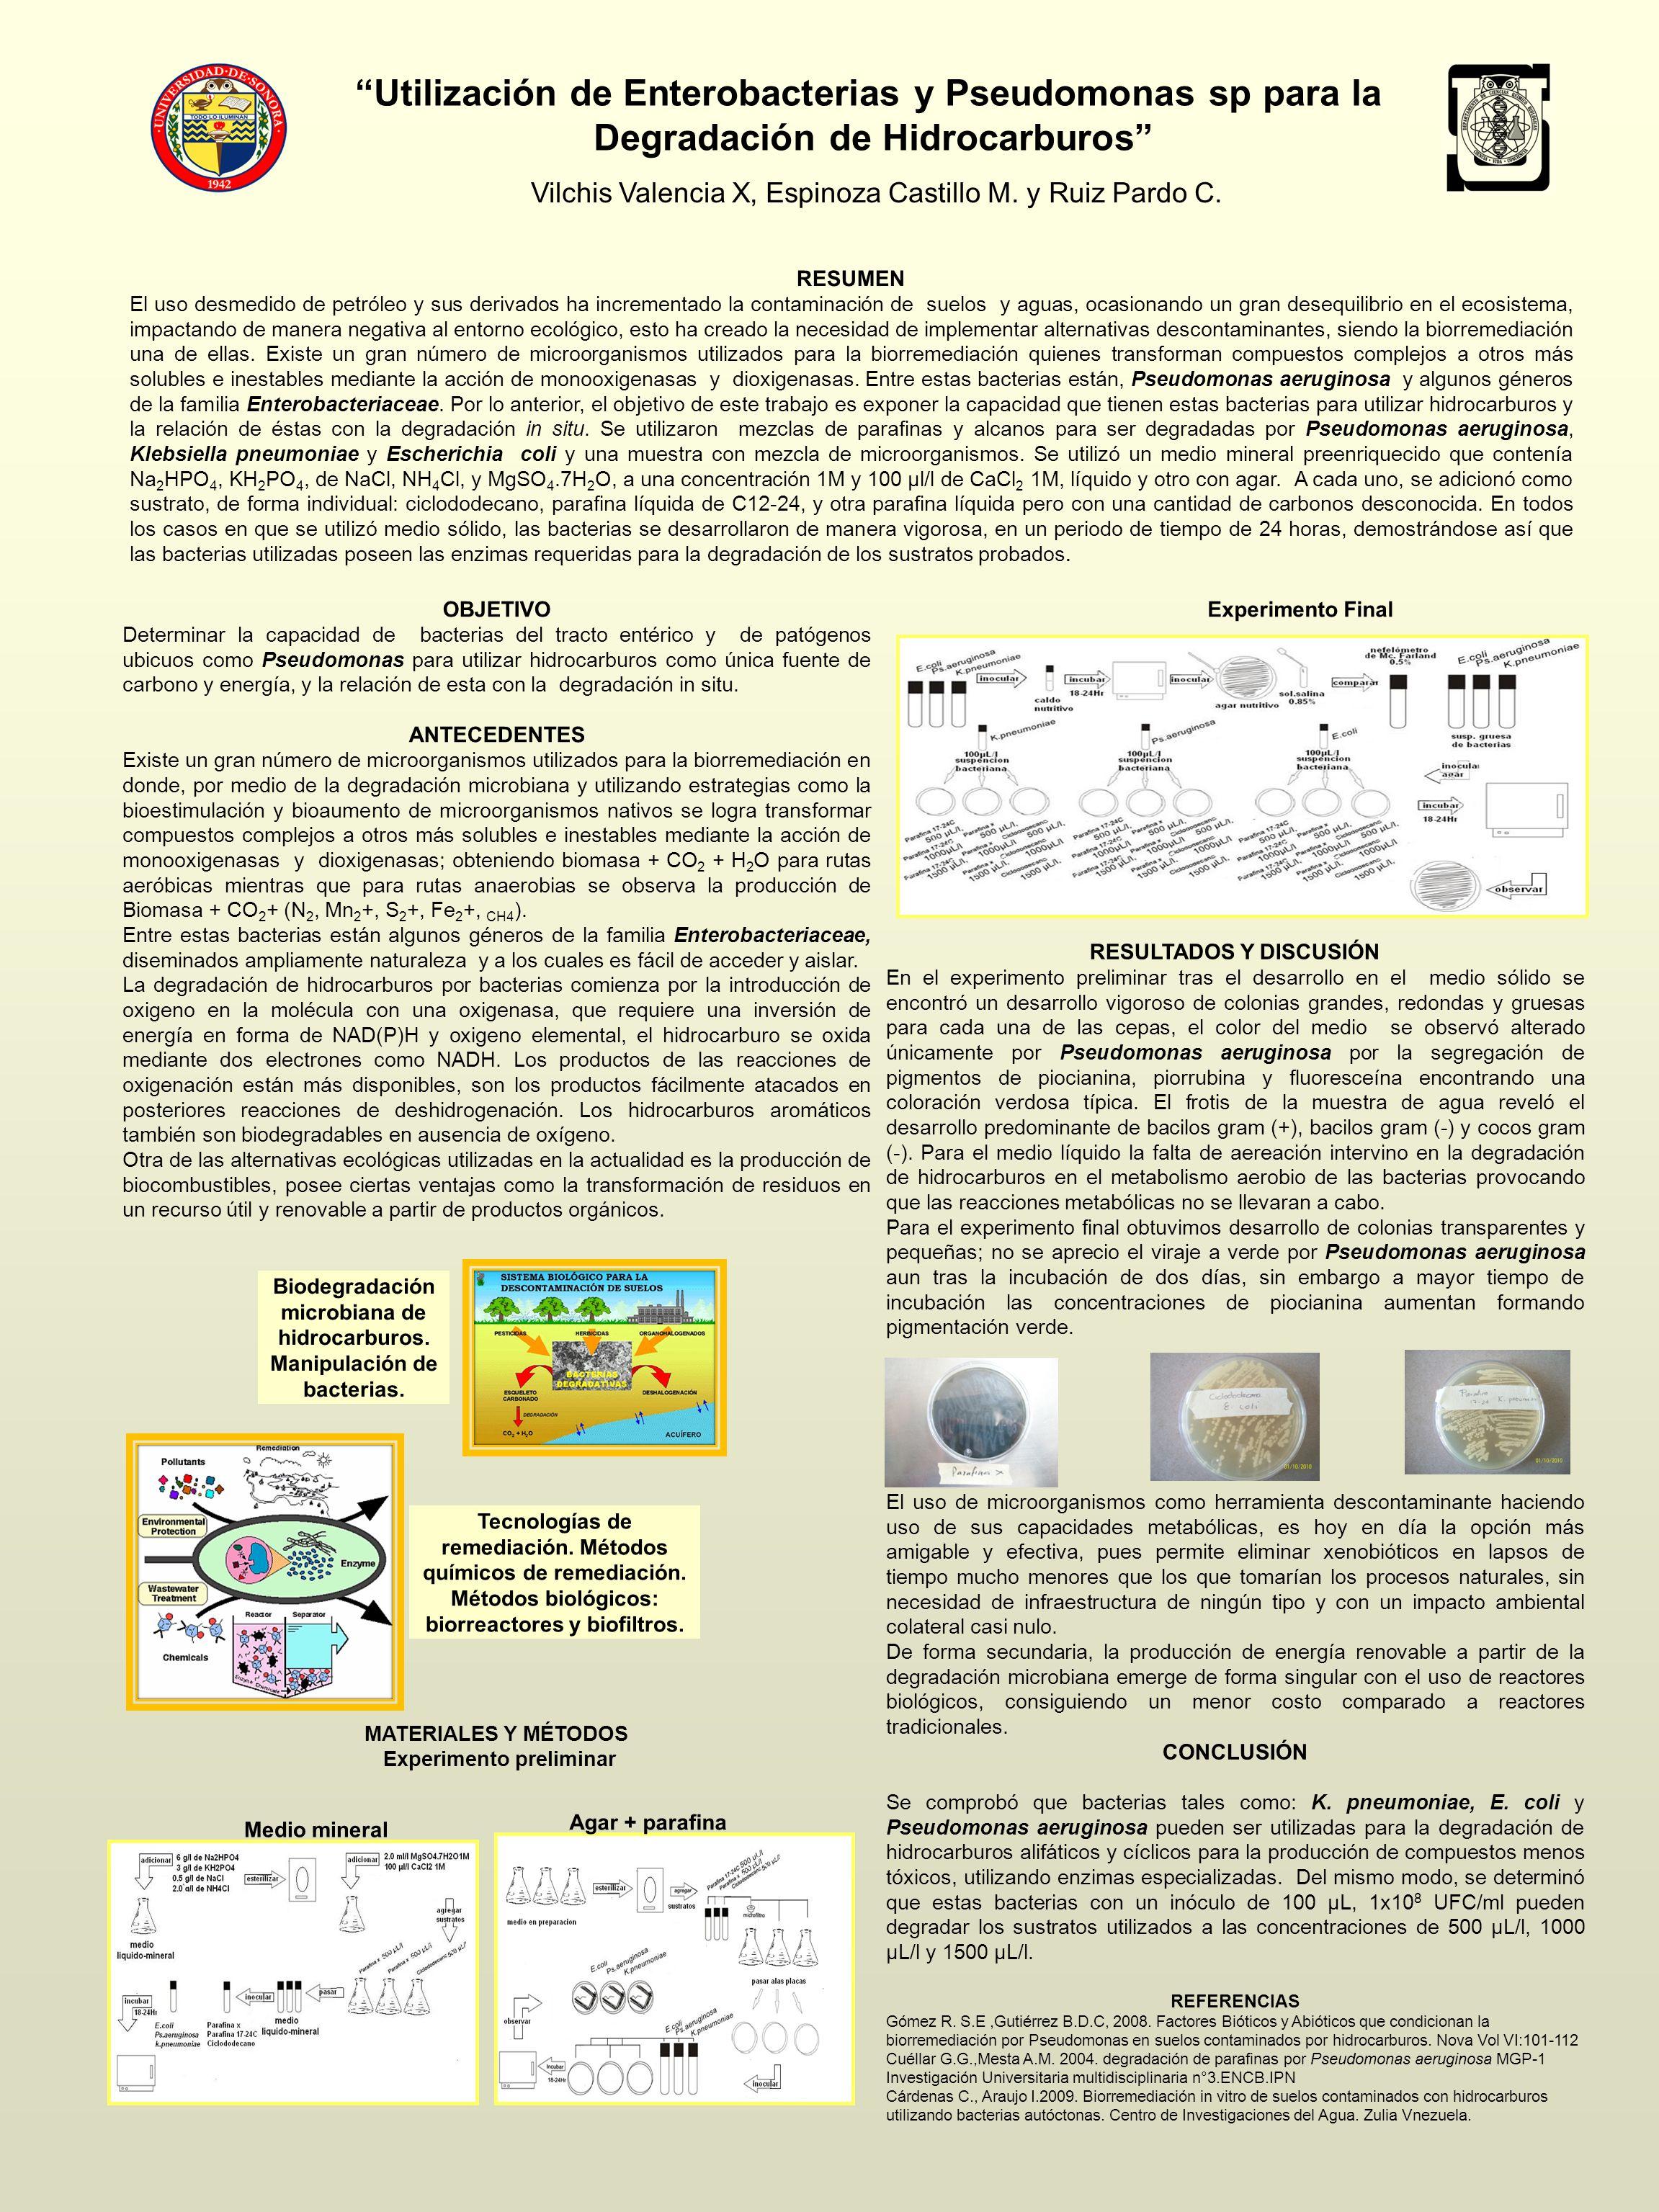 Utilización de Enterobacterias y Pseudomonas sp para la Degradación de Hidrocarburos Vilchis Valencia X, Espinoza Castillo M. y Ruiz Pardo C. RESUMEN